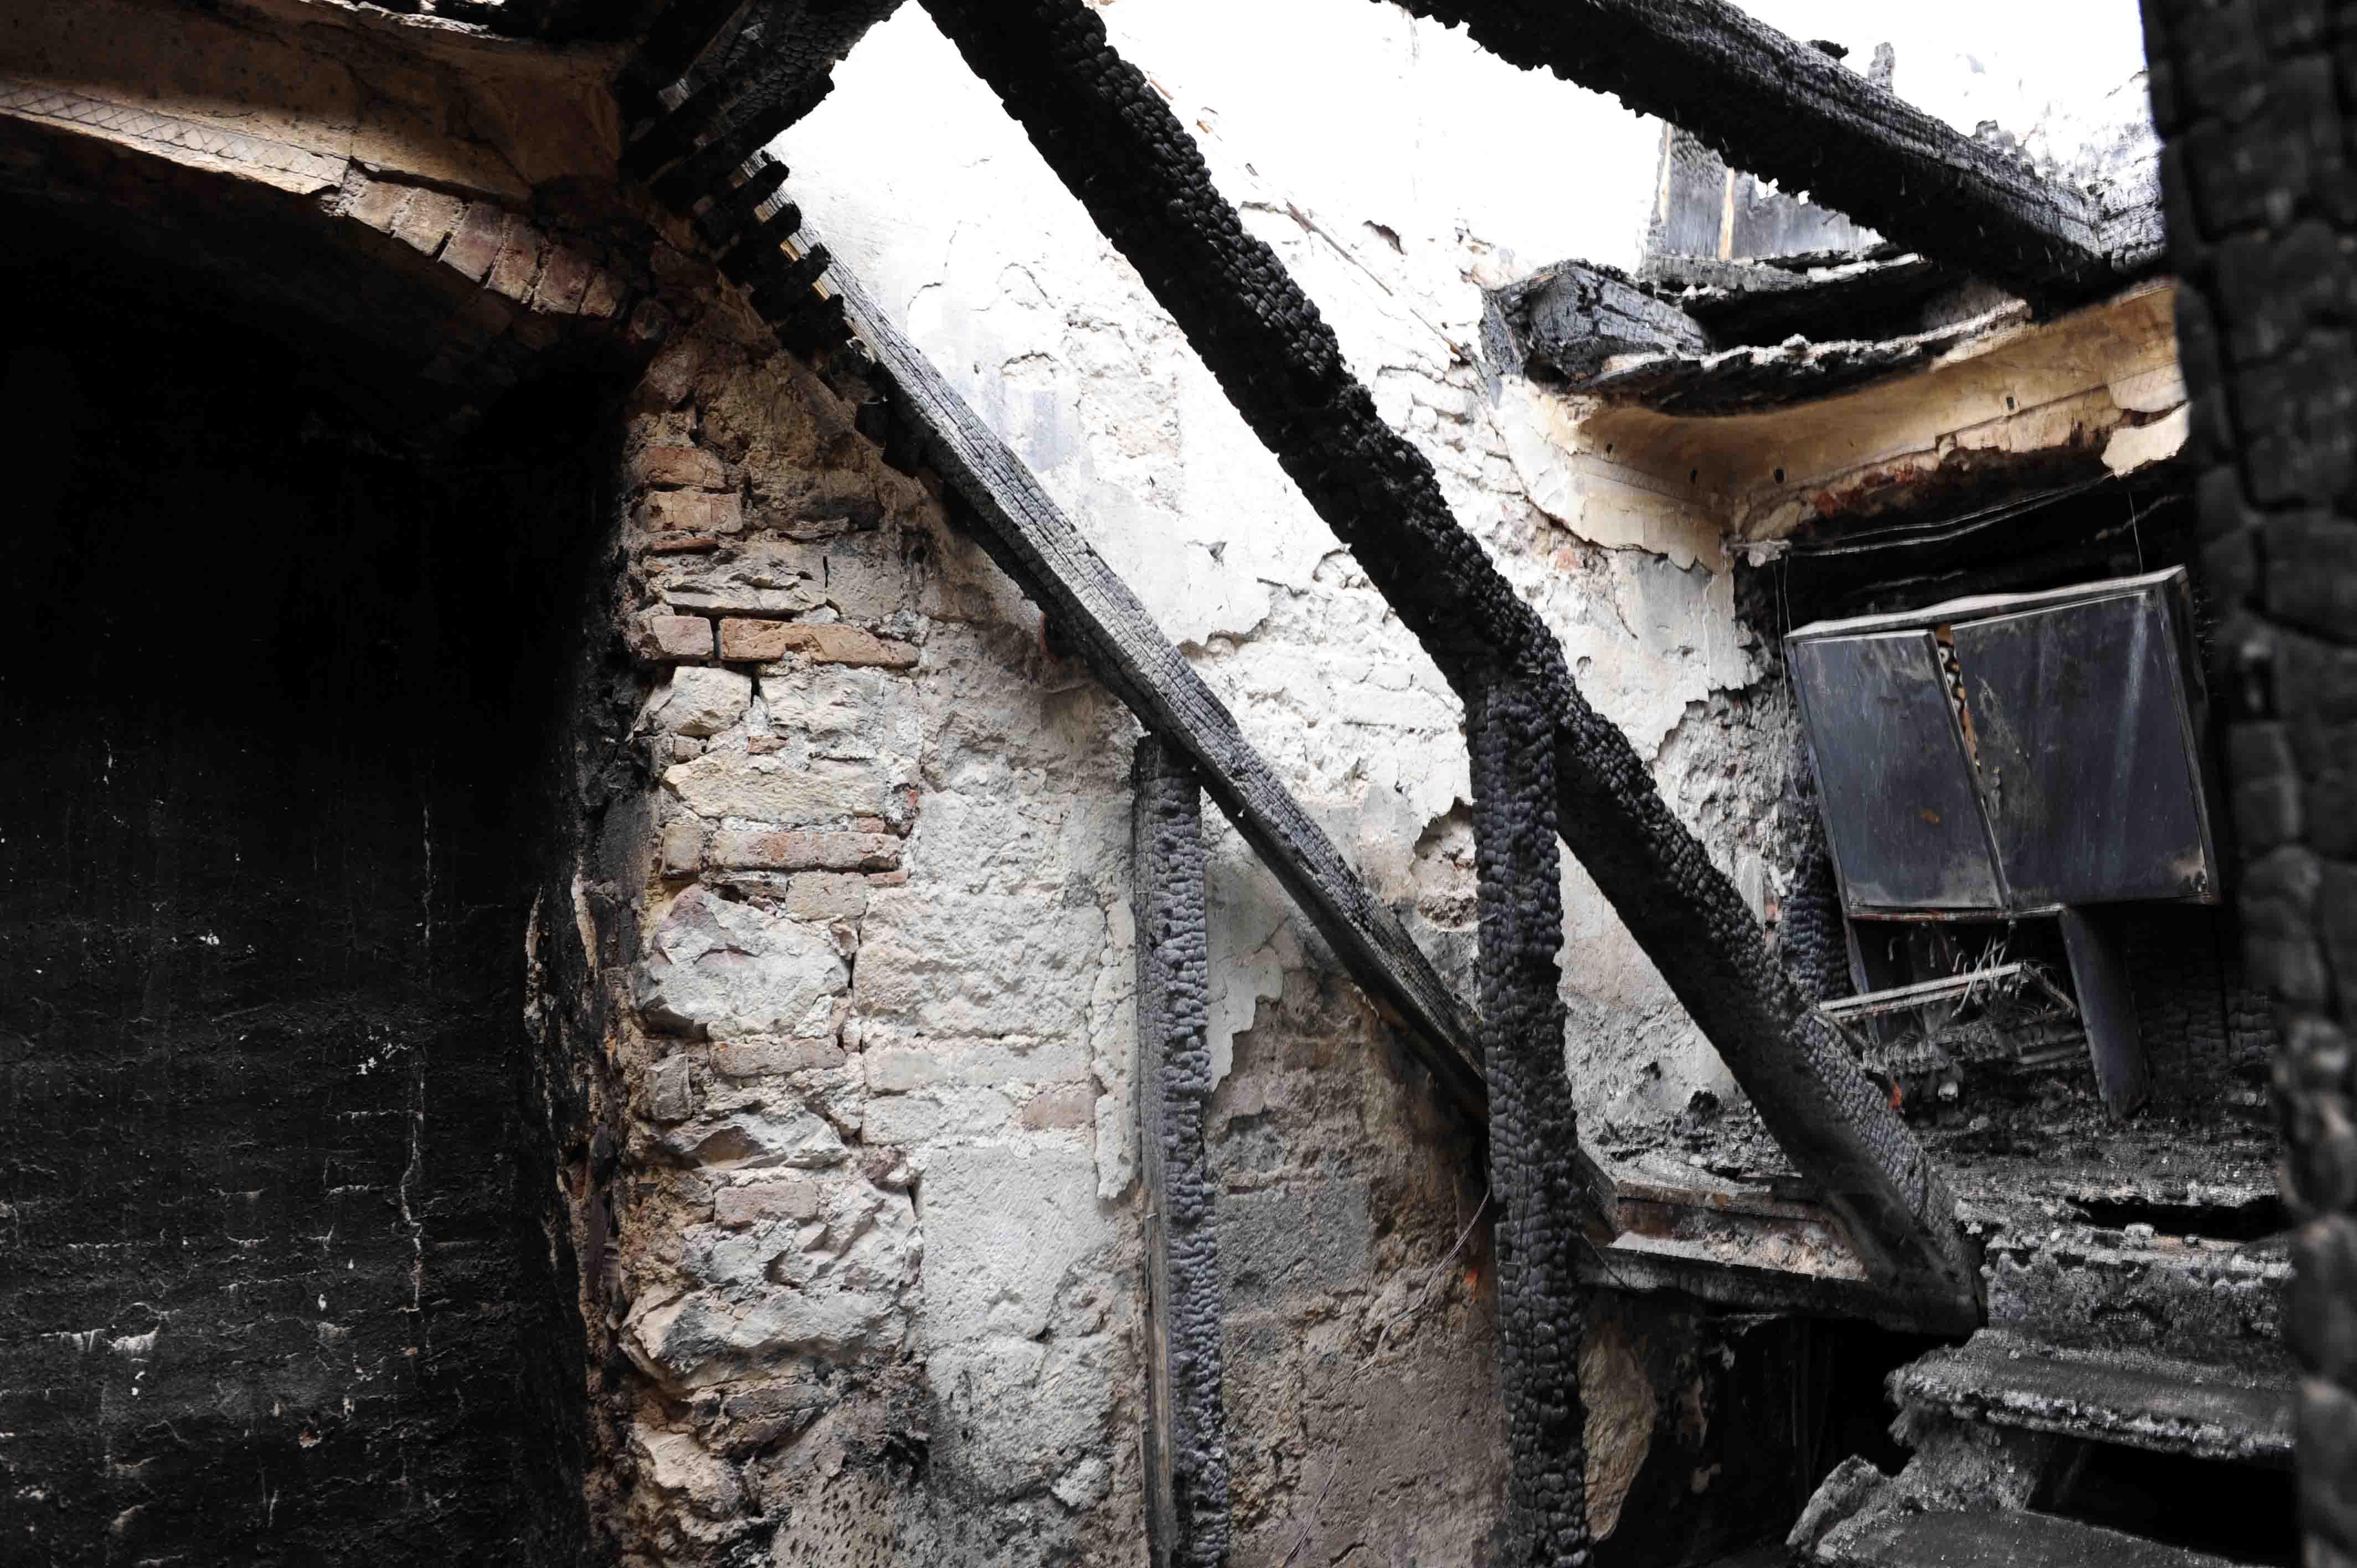 Die Sakristei: von dort aus hat sich der Brand entwickelt. Foto: Maria Steber /pba.